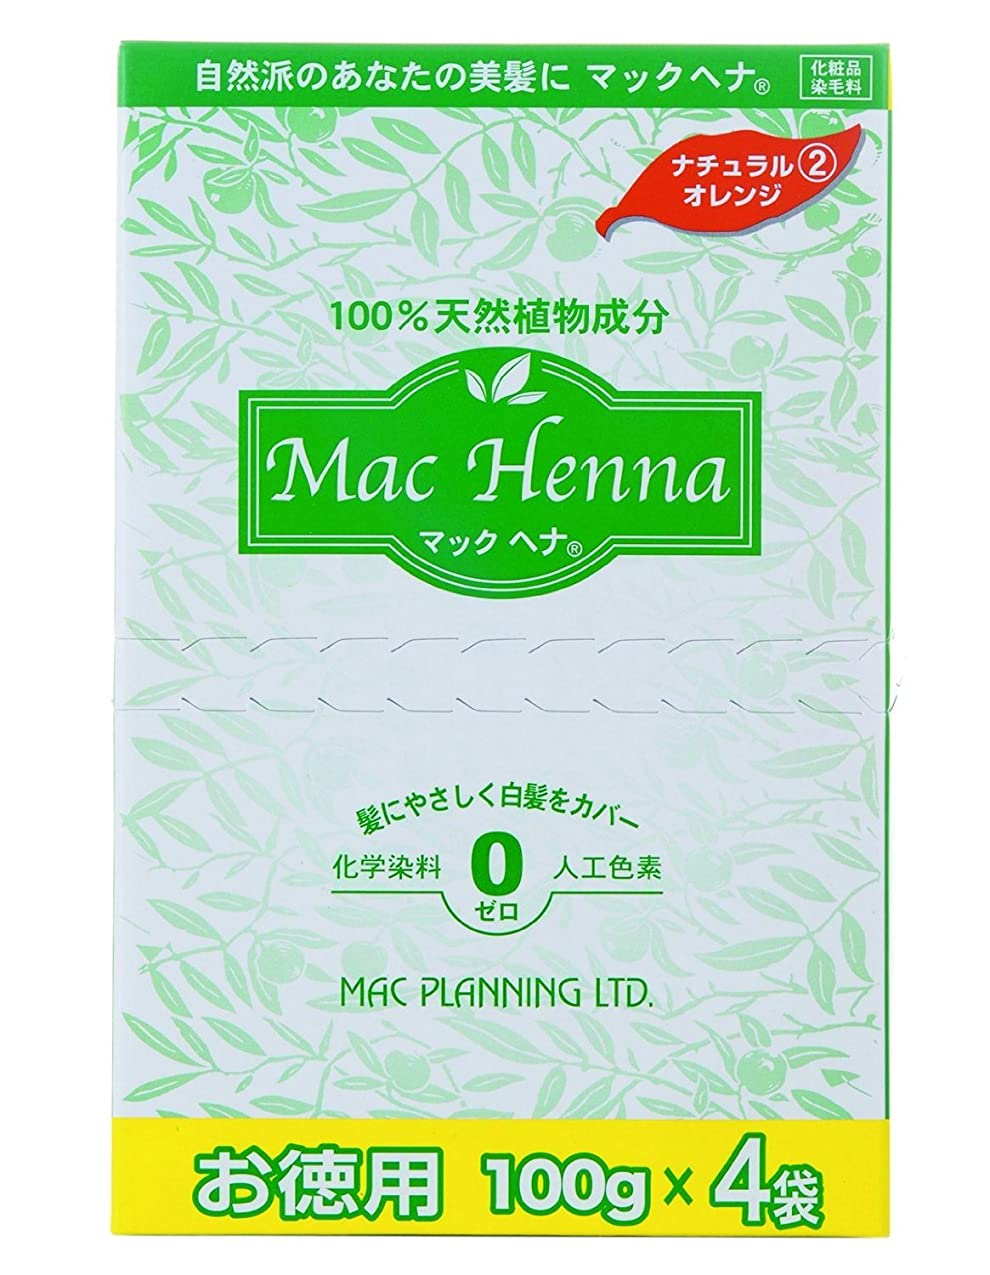 おっと免除する自転車マックヘナ お徳用(ナチュラルオレンジ)-2 400g(100g×4袋)